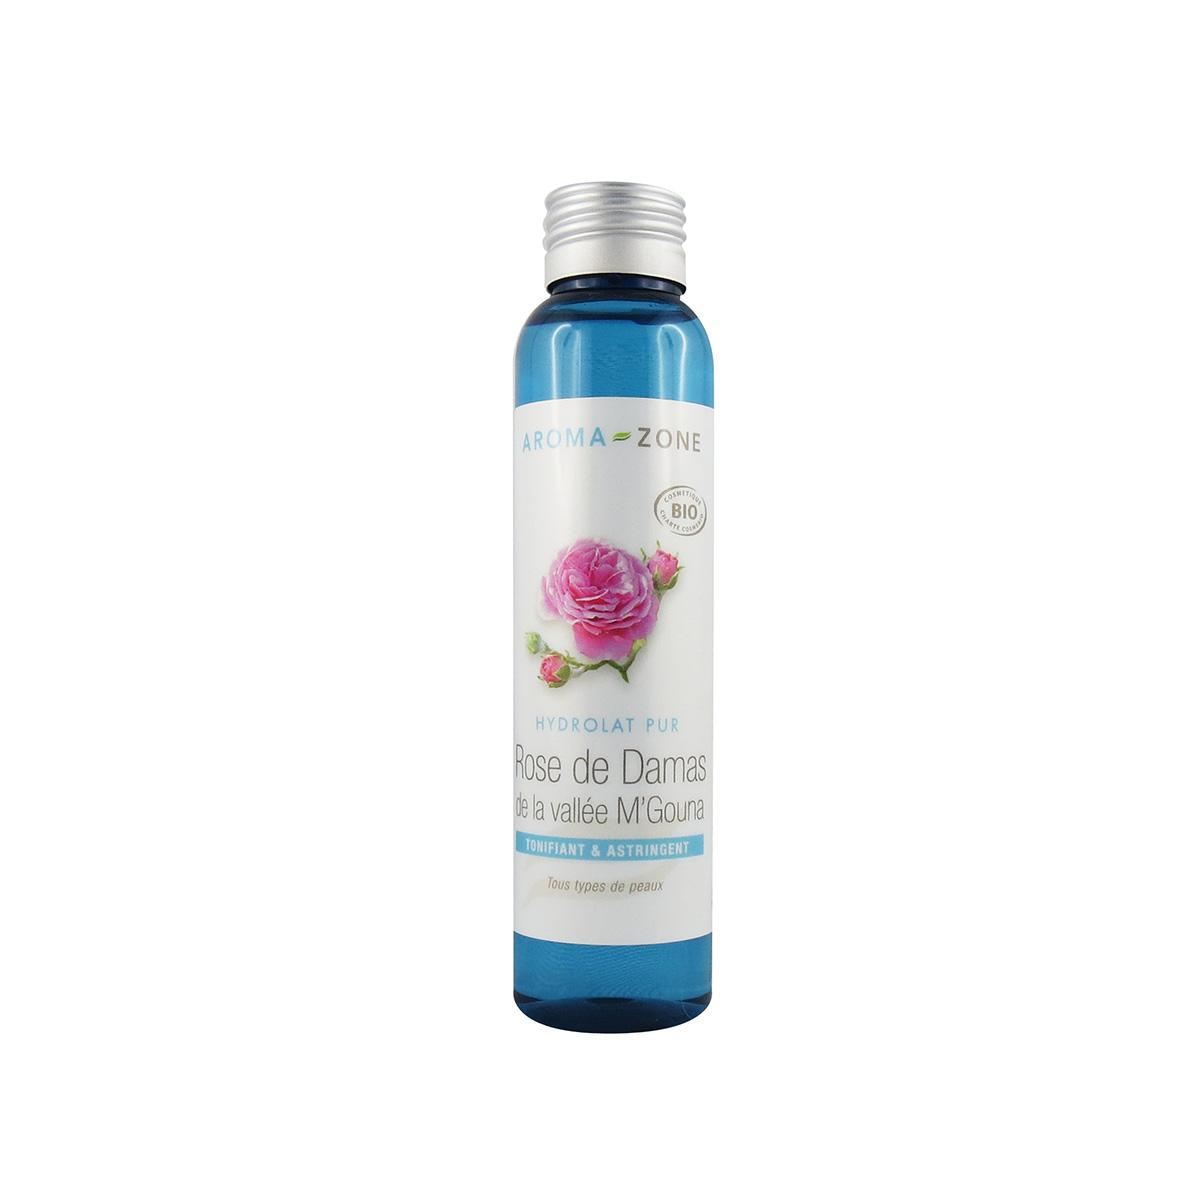 Hydrolat De Rose De Damas De Aroma Zone Profitez Et Partagez Vos